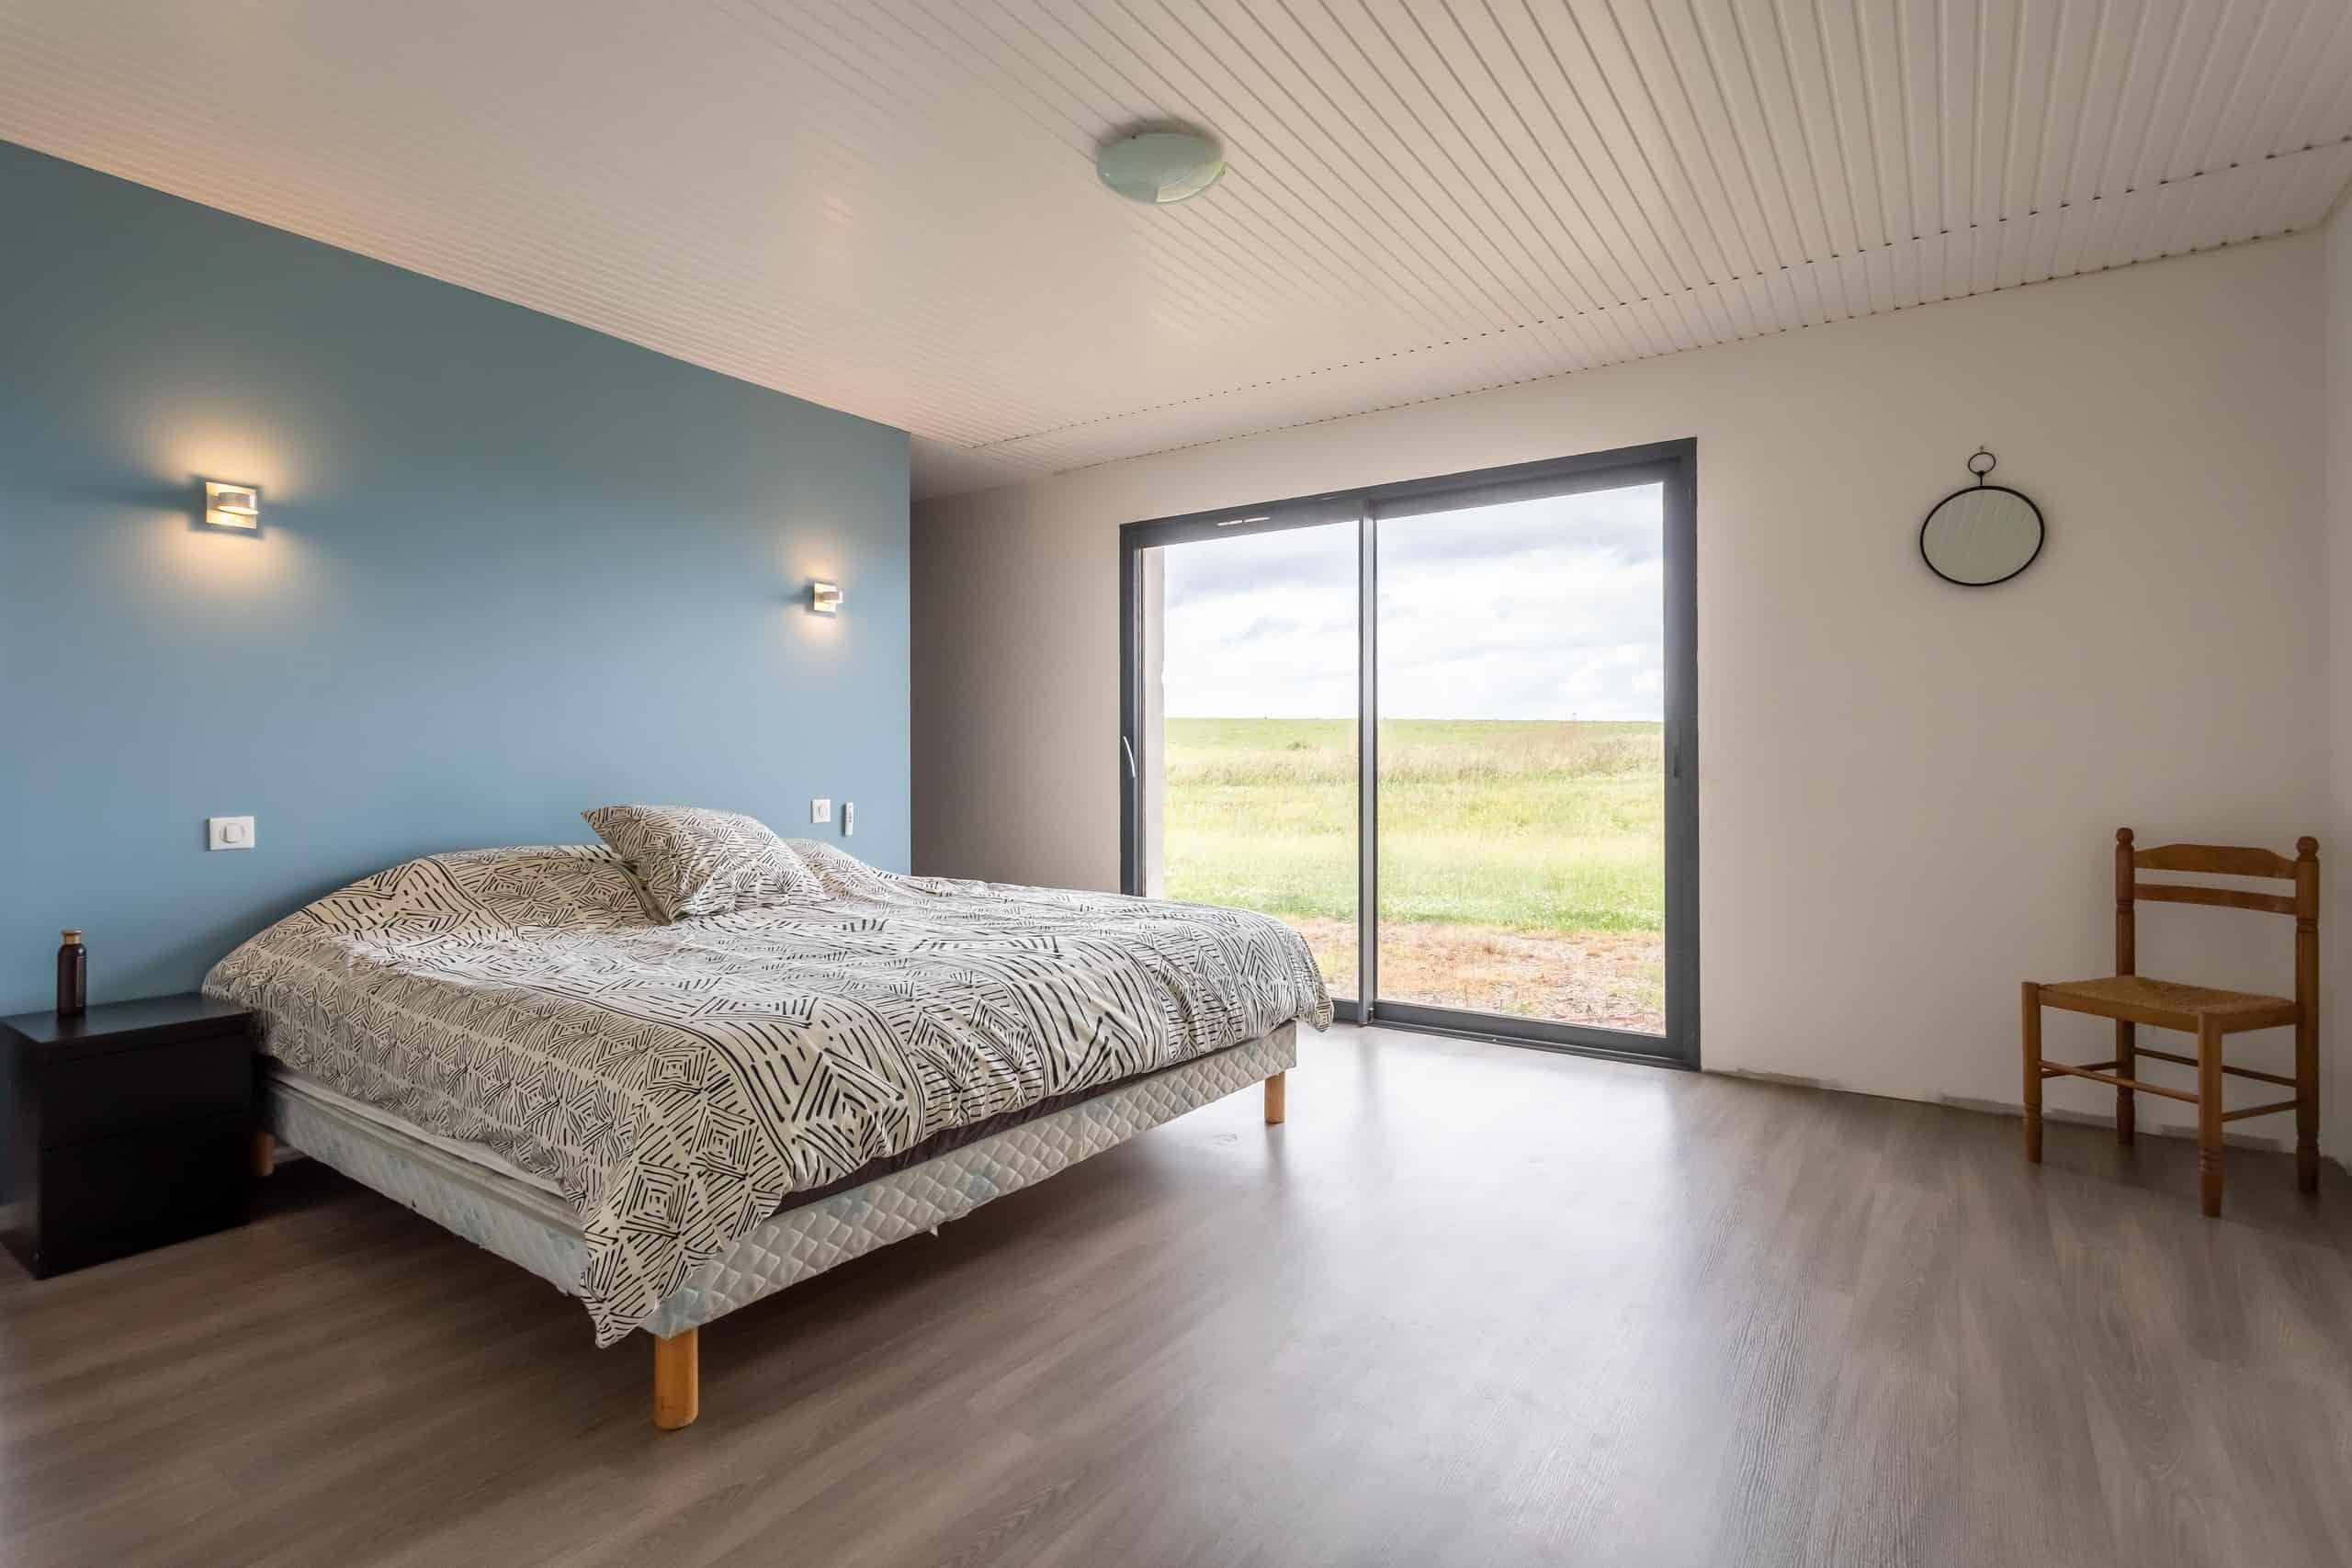 Bedroom-WMC092